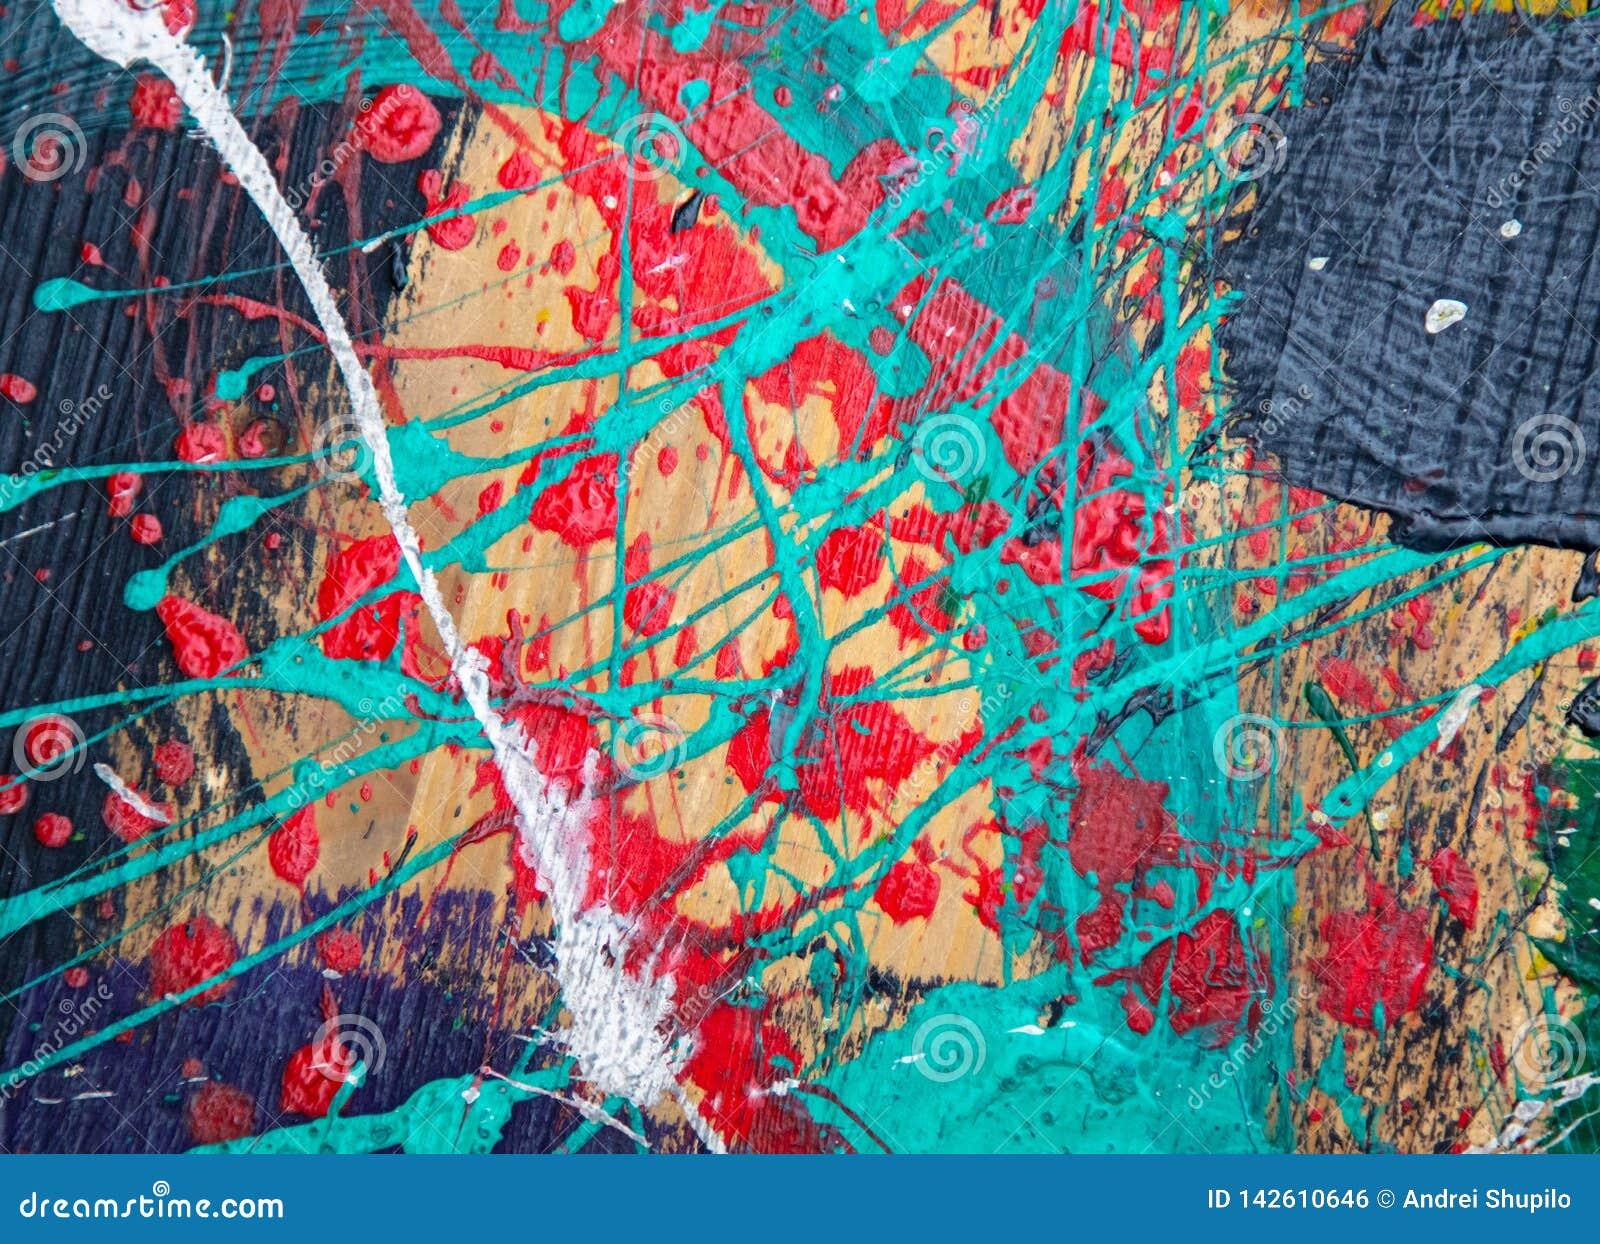 Ölfarbe auf Segeltuch als abstraktem Hintergrund